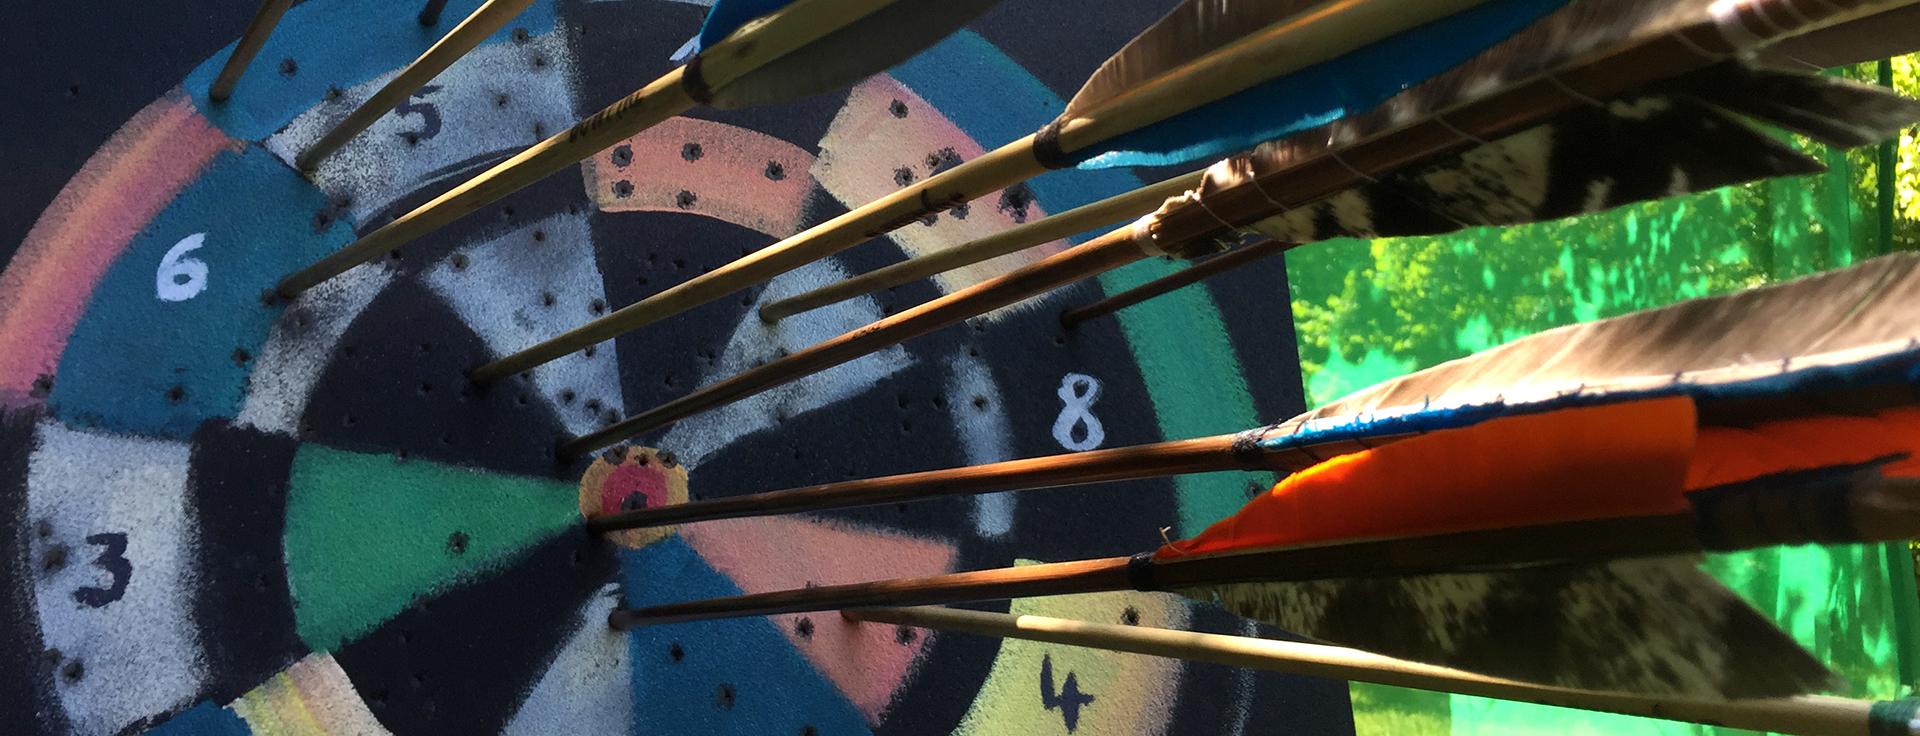 BOWFIRE, bowfire, Meisterbogen, regelmäßiger Workshop, Intensivbogen, Bogenbauen an zwei Tagen, Kurs, Workshop, Schnupperbogen, Kinderbogenworkshop, Kinderbogenbaukurs, Bogen bauen, Pfeile kaufen, Pfeile bestellen, traditionelle Pfeile kaufen, Holzpfeile kaufen, Wort- Bildmarke, Bowfire, Bogenreisen, meditatives Bogenschießen, einsgerichtetes Bogenschießen, traditionelles Bogenschießen, intuitives Bogenschießen, traditioneller Bogenbau, Bogenbau, traditionelles Bogenschiessen, Schleswig Holstein, Plön, Rendsburg, Eckernförde, Kiel, Stave, Bogenrohlinge, Bogenbaukurse, Kurse, Workshops, Zubehör, Pfeile, Federn, Köcher, Messer, Sehne, Sehnenumwicklung, Leder, Nockpunkt, Nocken, Tips, Recurve, Syahs, Eibe, Osage Orange, Hasel, Manau, Rattan, Esche, Hickory, Bambus, Eberesche, Weißdorn, Backing, Sehnenbacking, Bogenworkshop, in zwei Tagen, Zubehörworkshop, Zielscheiben aus Ethafoam, Bogensport, Fachhandel, Bogenfestival, bogenguide, Parcours, Deutschlands Parcours, Abendkurs, Abendworkshop